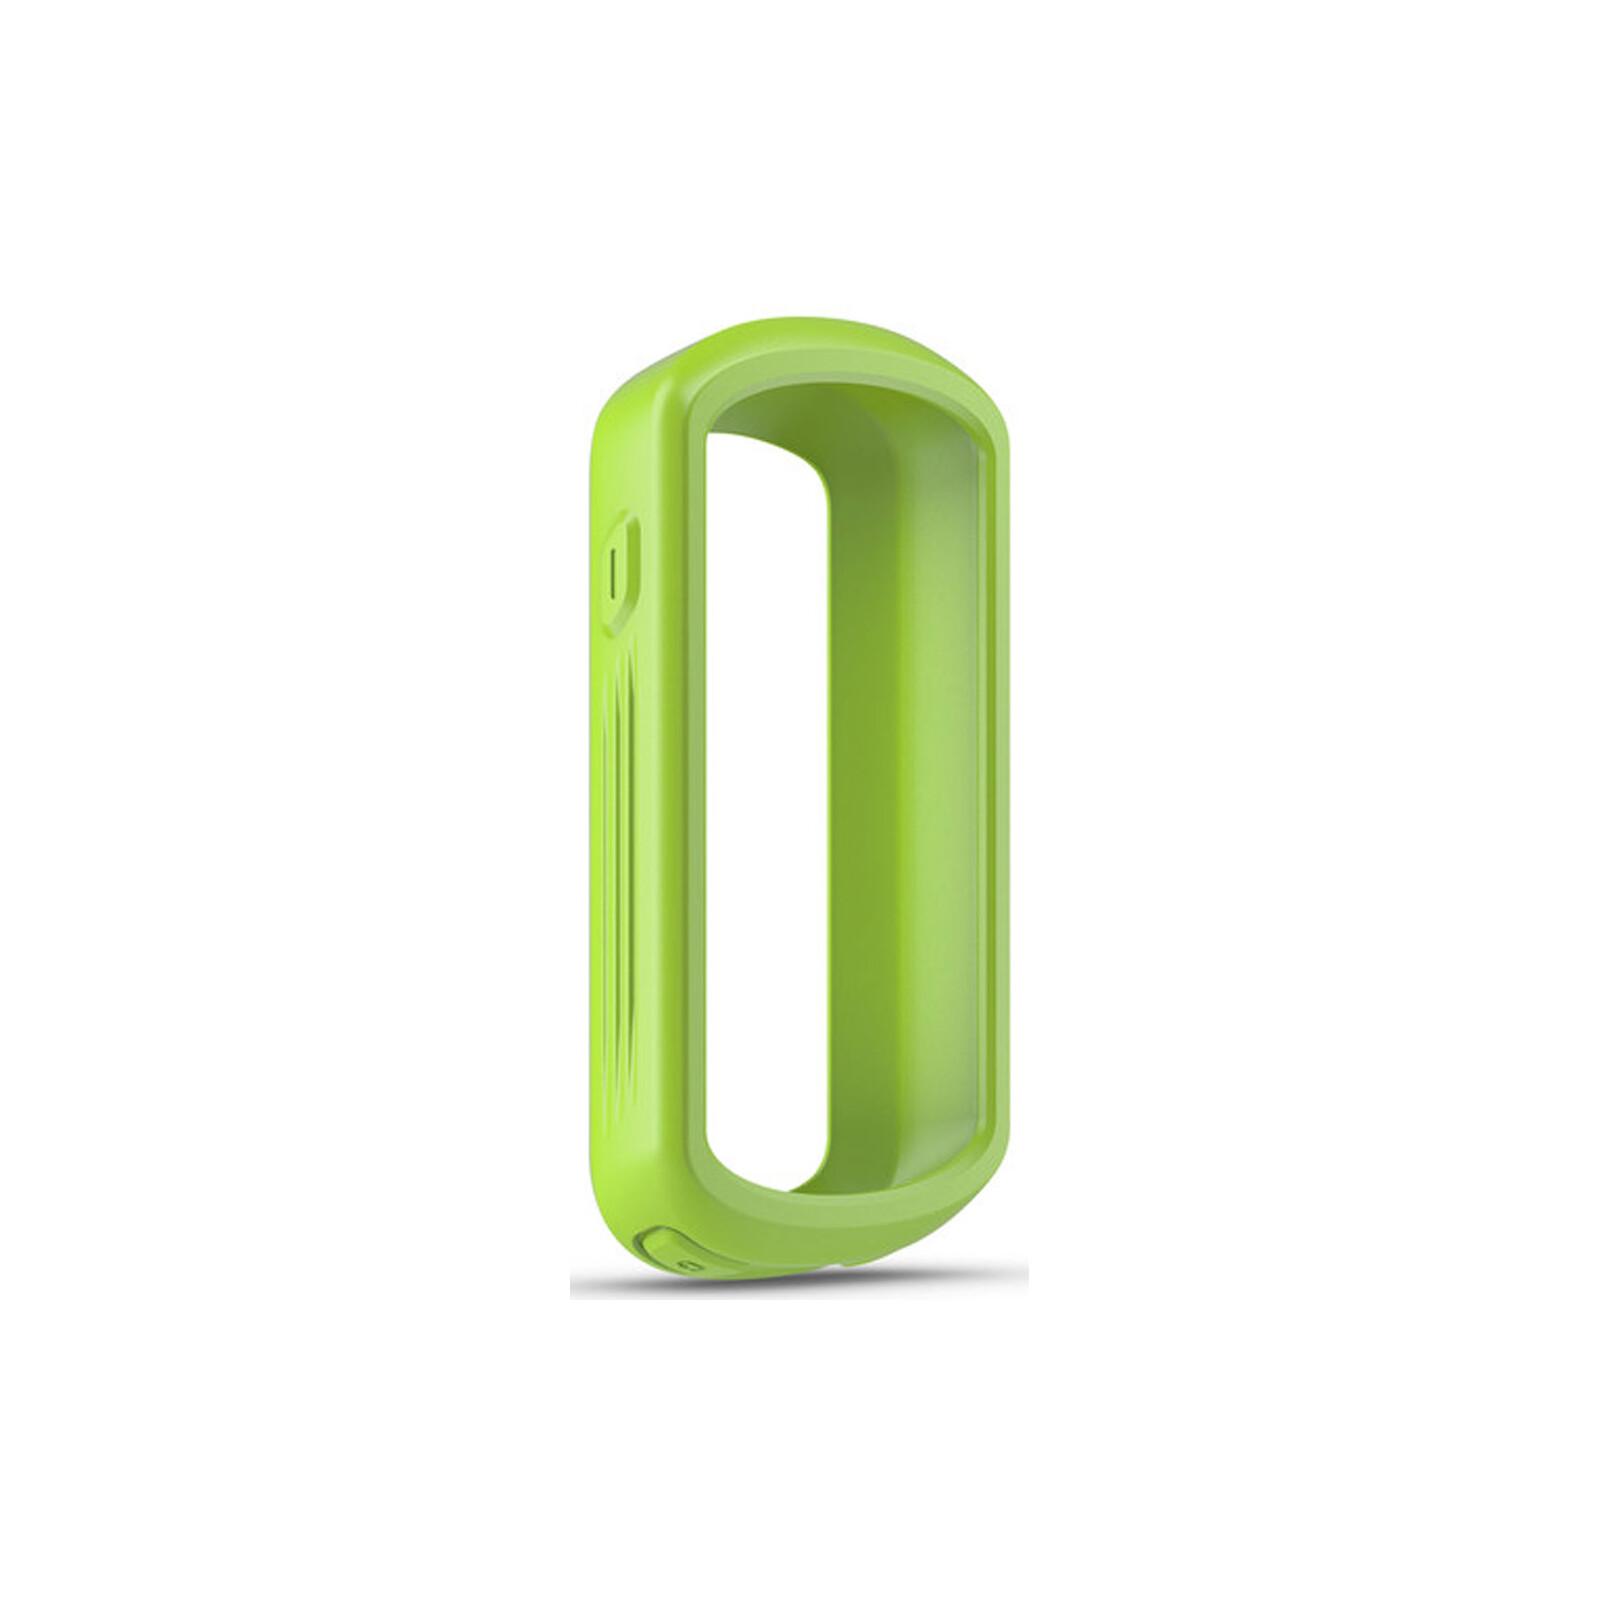 Garmin Edge Explore Silikon Hülle grün